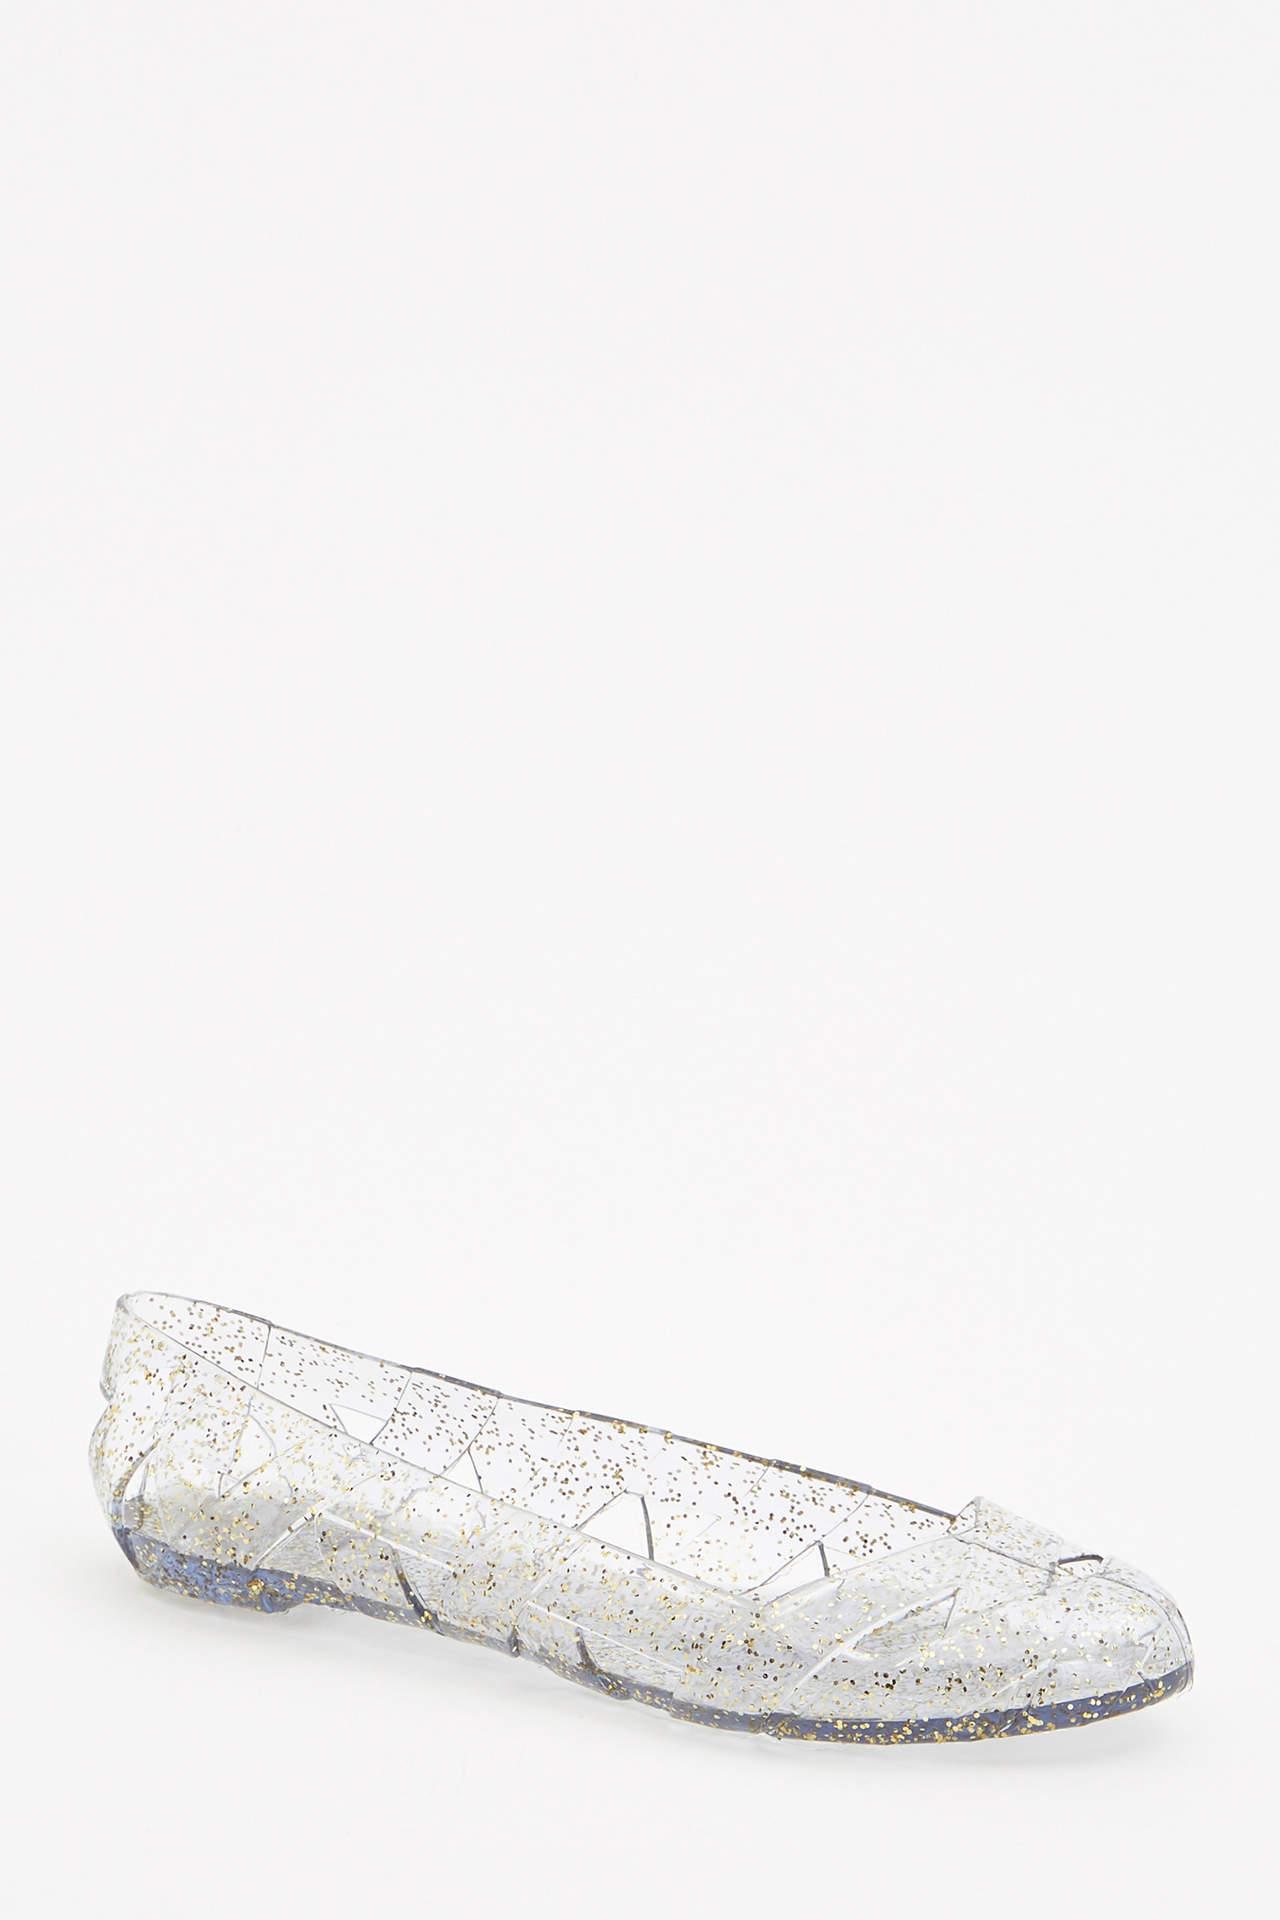 Defacto Kadın Simli Deniz Ayakkabısı